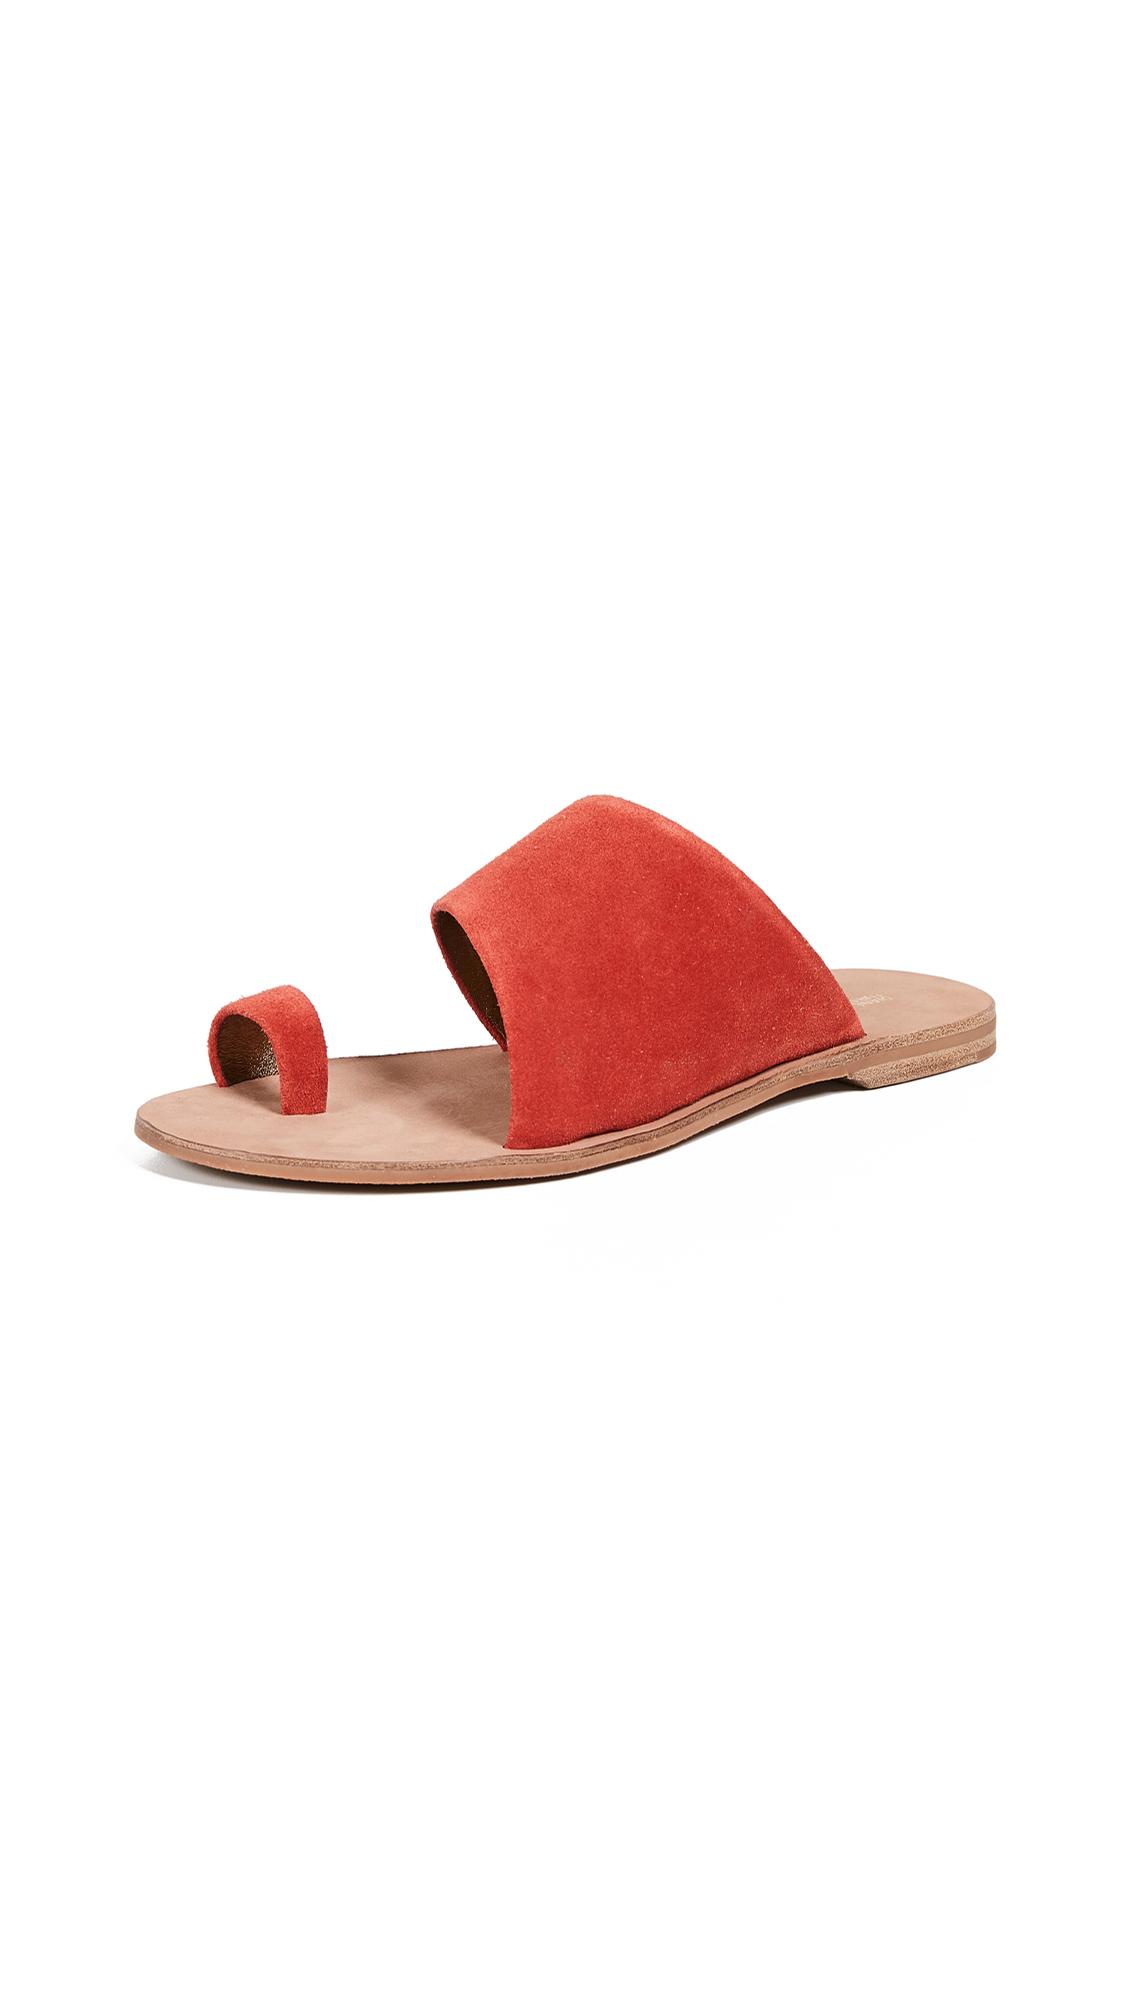 Diane von Furstenberg Brittany Slides - Red